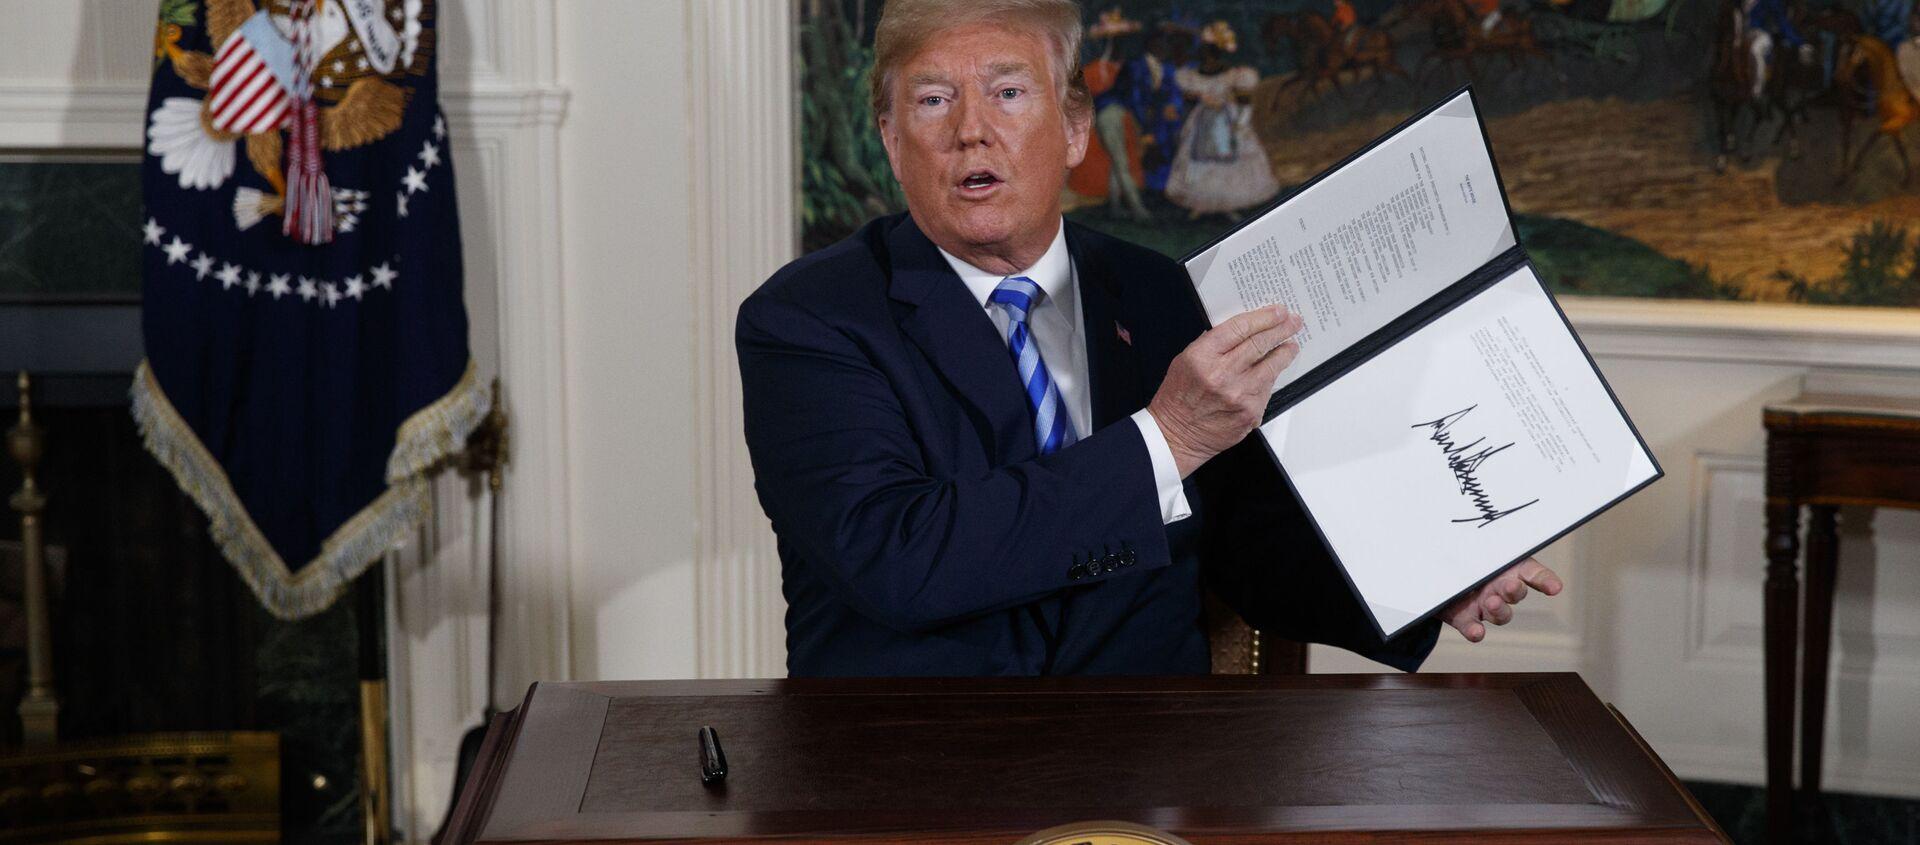 Prezydent USA Donald Trump w czasie podpisywania memorandum w sprawie irańskiego porozumienia nuklearnego - Sputnik Polska, 1920, 01.03.2021